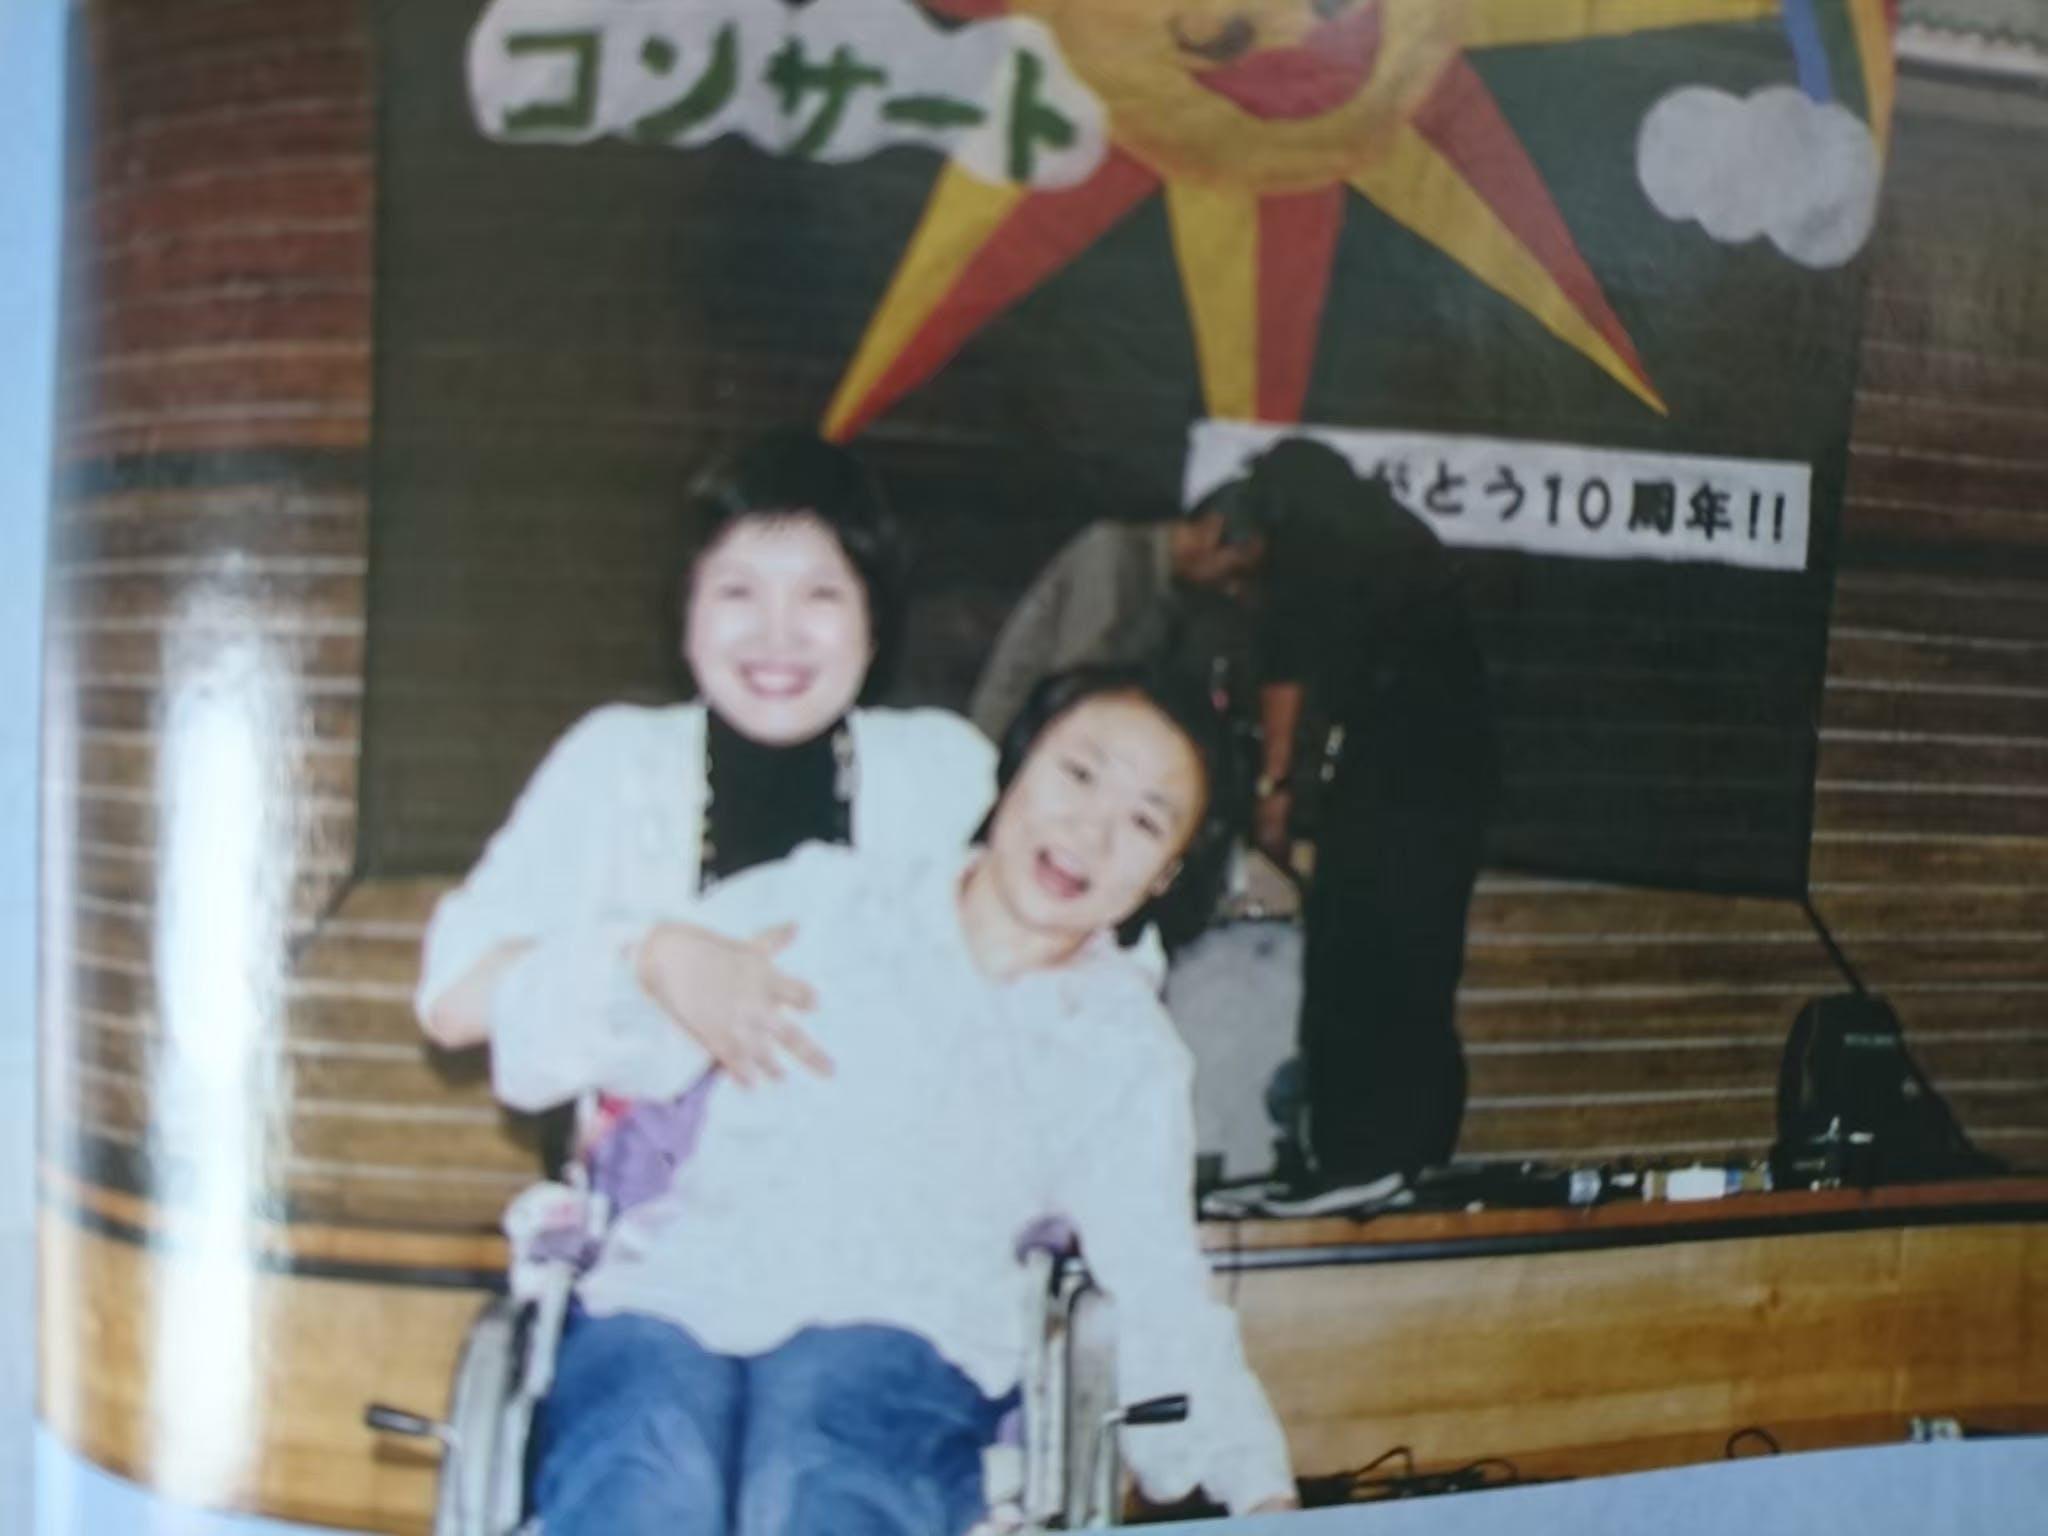 小川幸子さんとの出会い